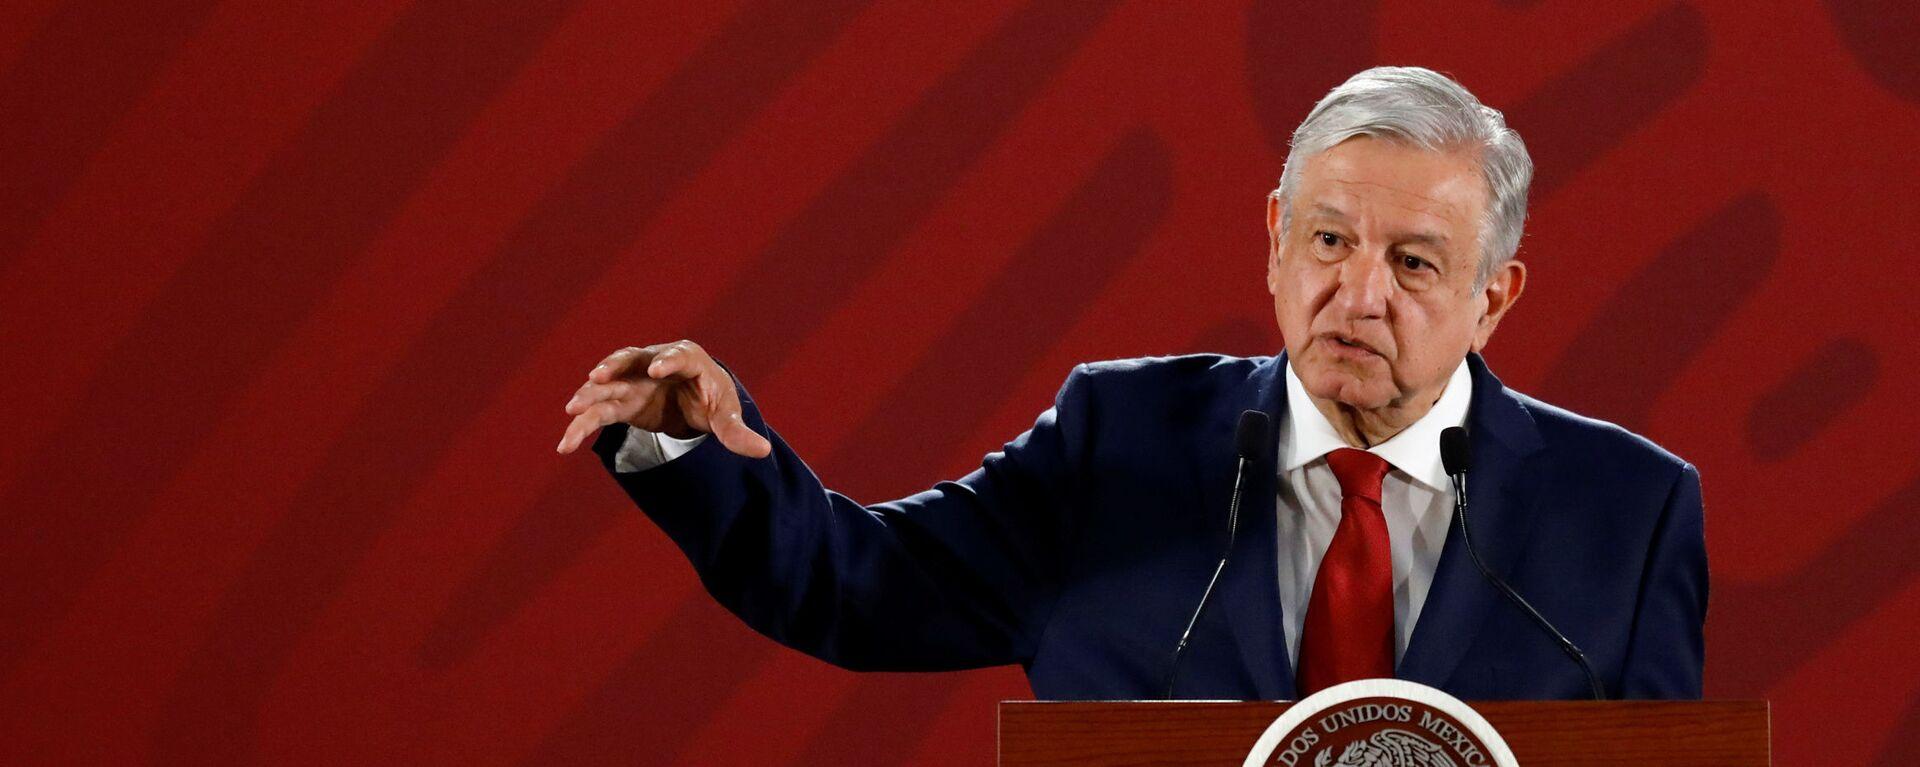 Andrés Manuel López Obrador, presidente de México - Sputnik Mundo, 1920, 25.07.2019